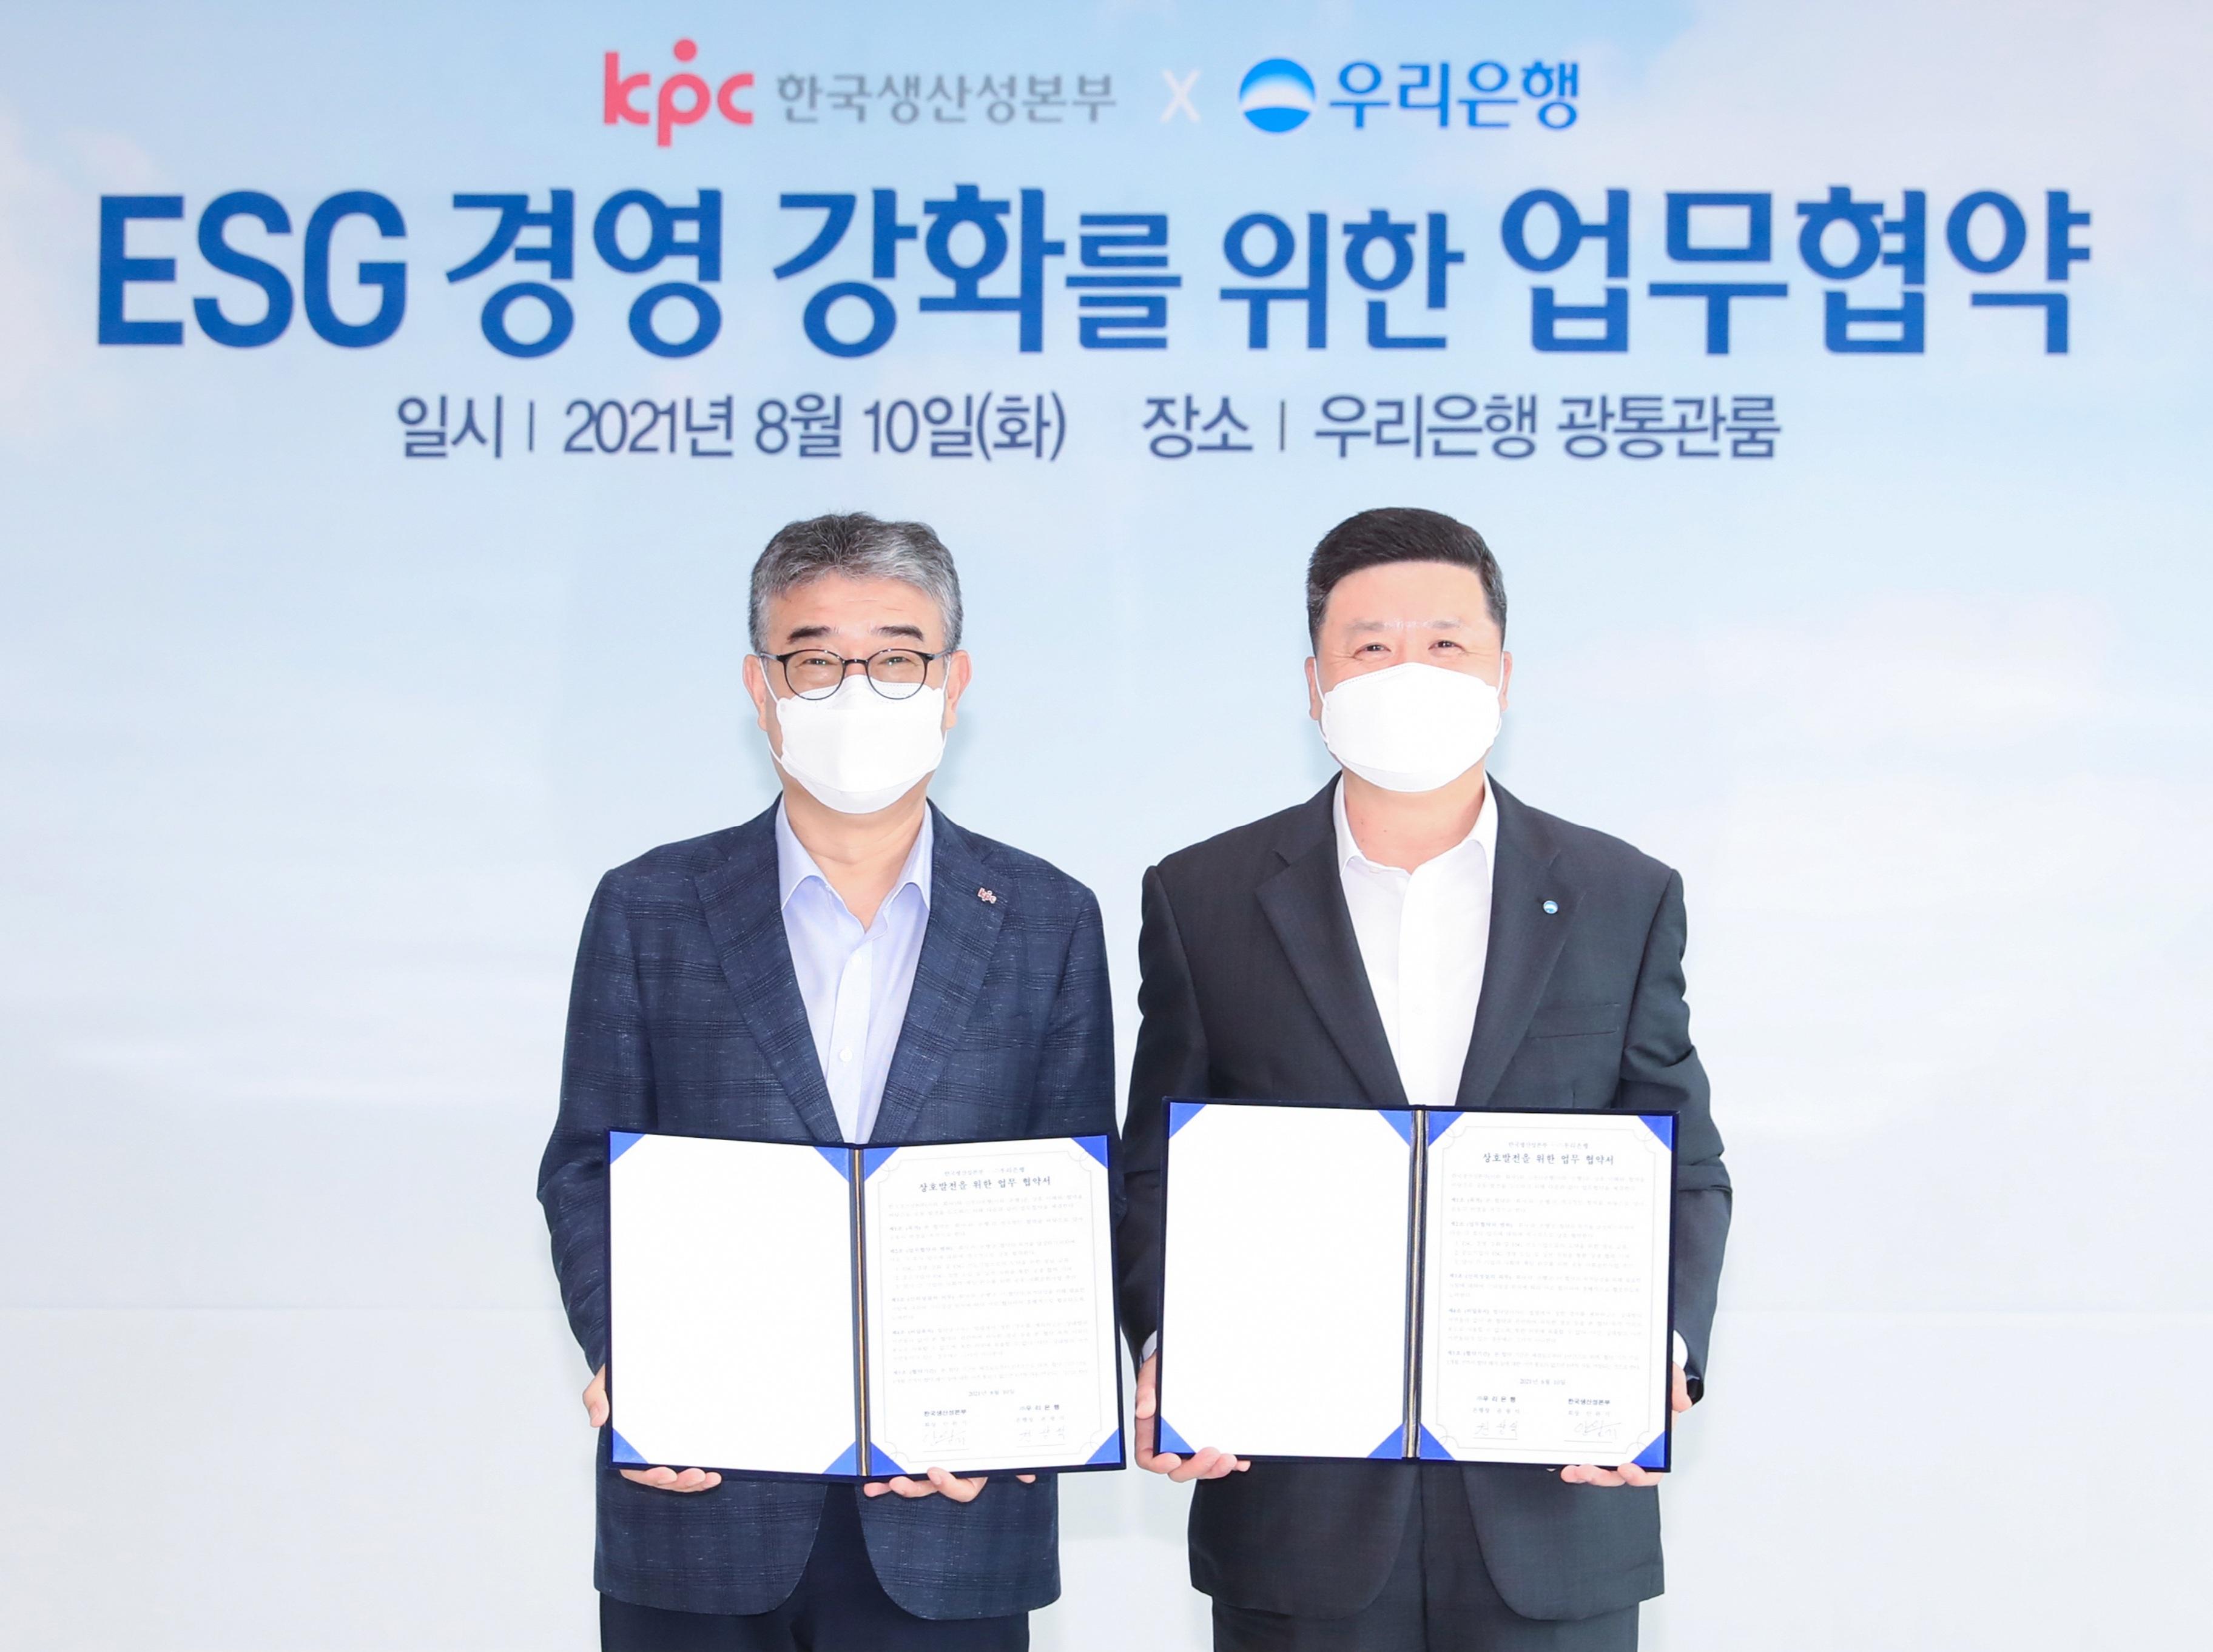 우리은행, 한국생산성본부와 ESG 경영 강화 업무협약 체결